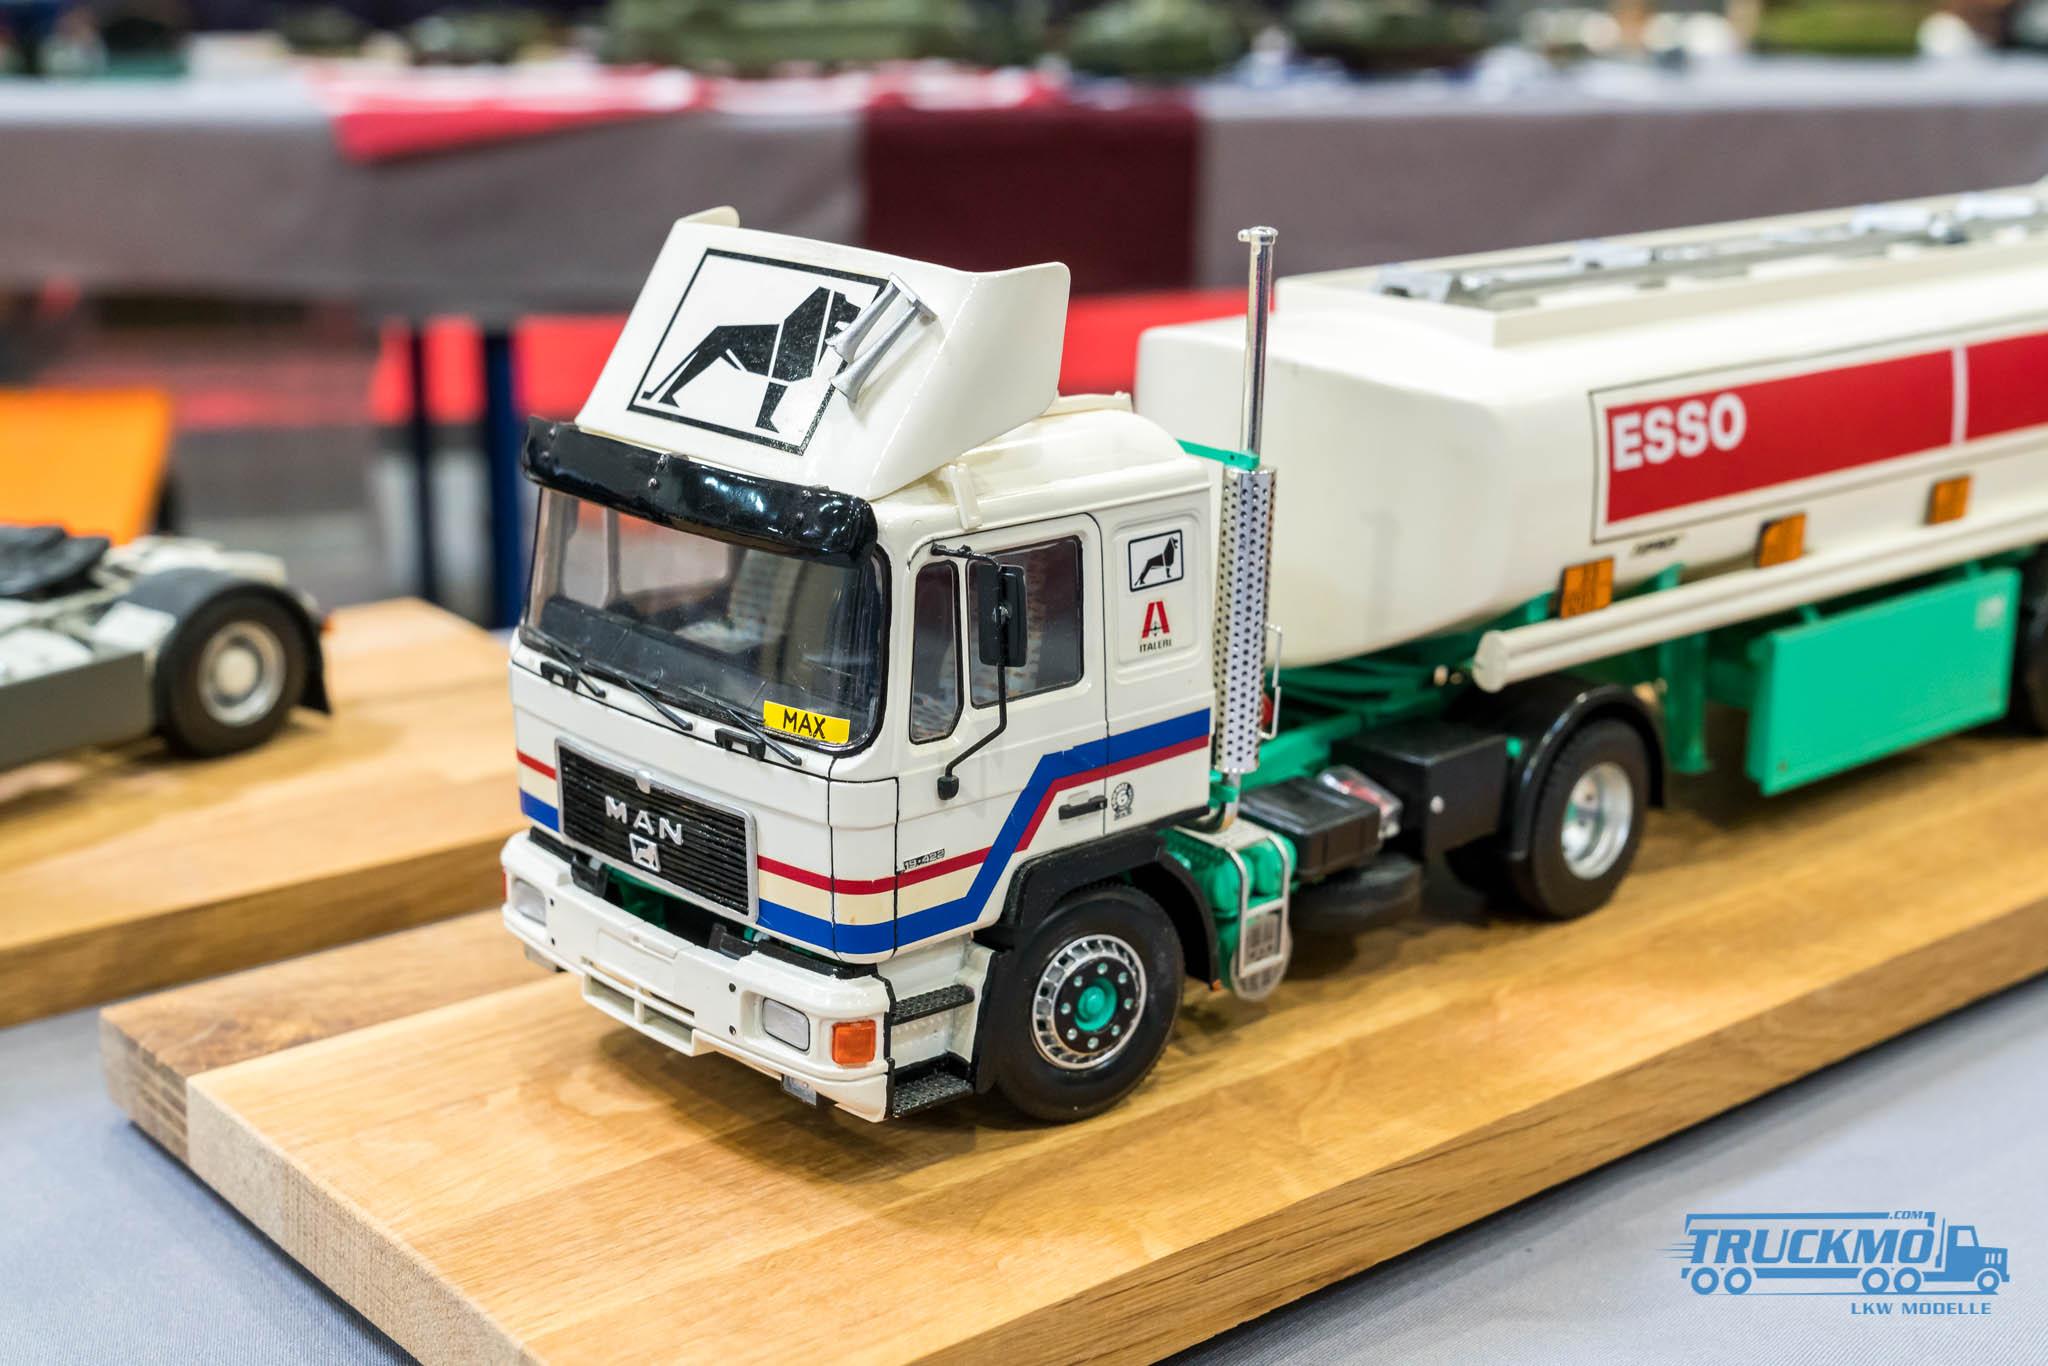 Truckmo_Modellbau_Ried_2017_Herpa_Messe_Modellbauausstellung (536 von 1177)